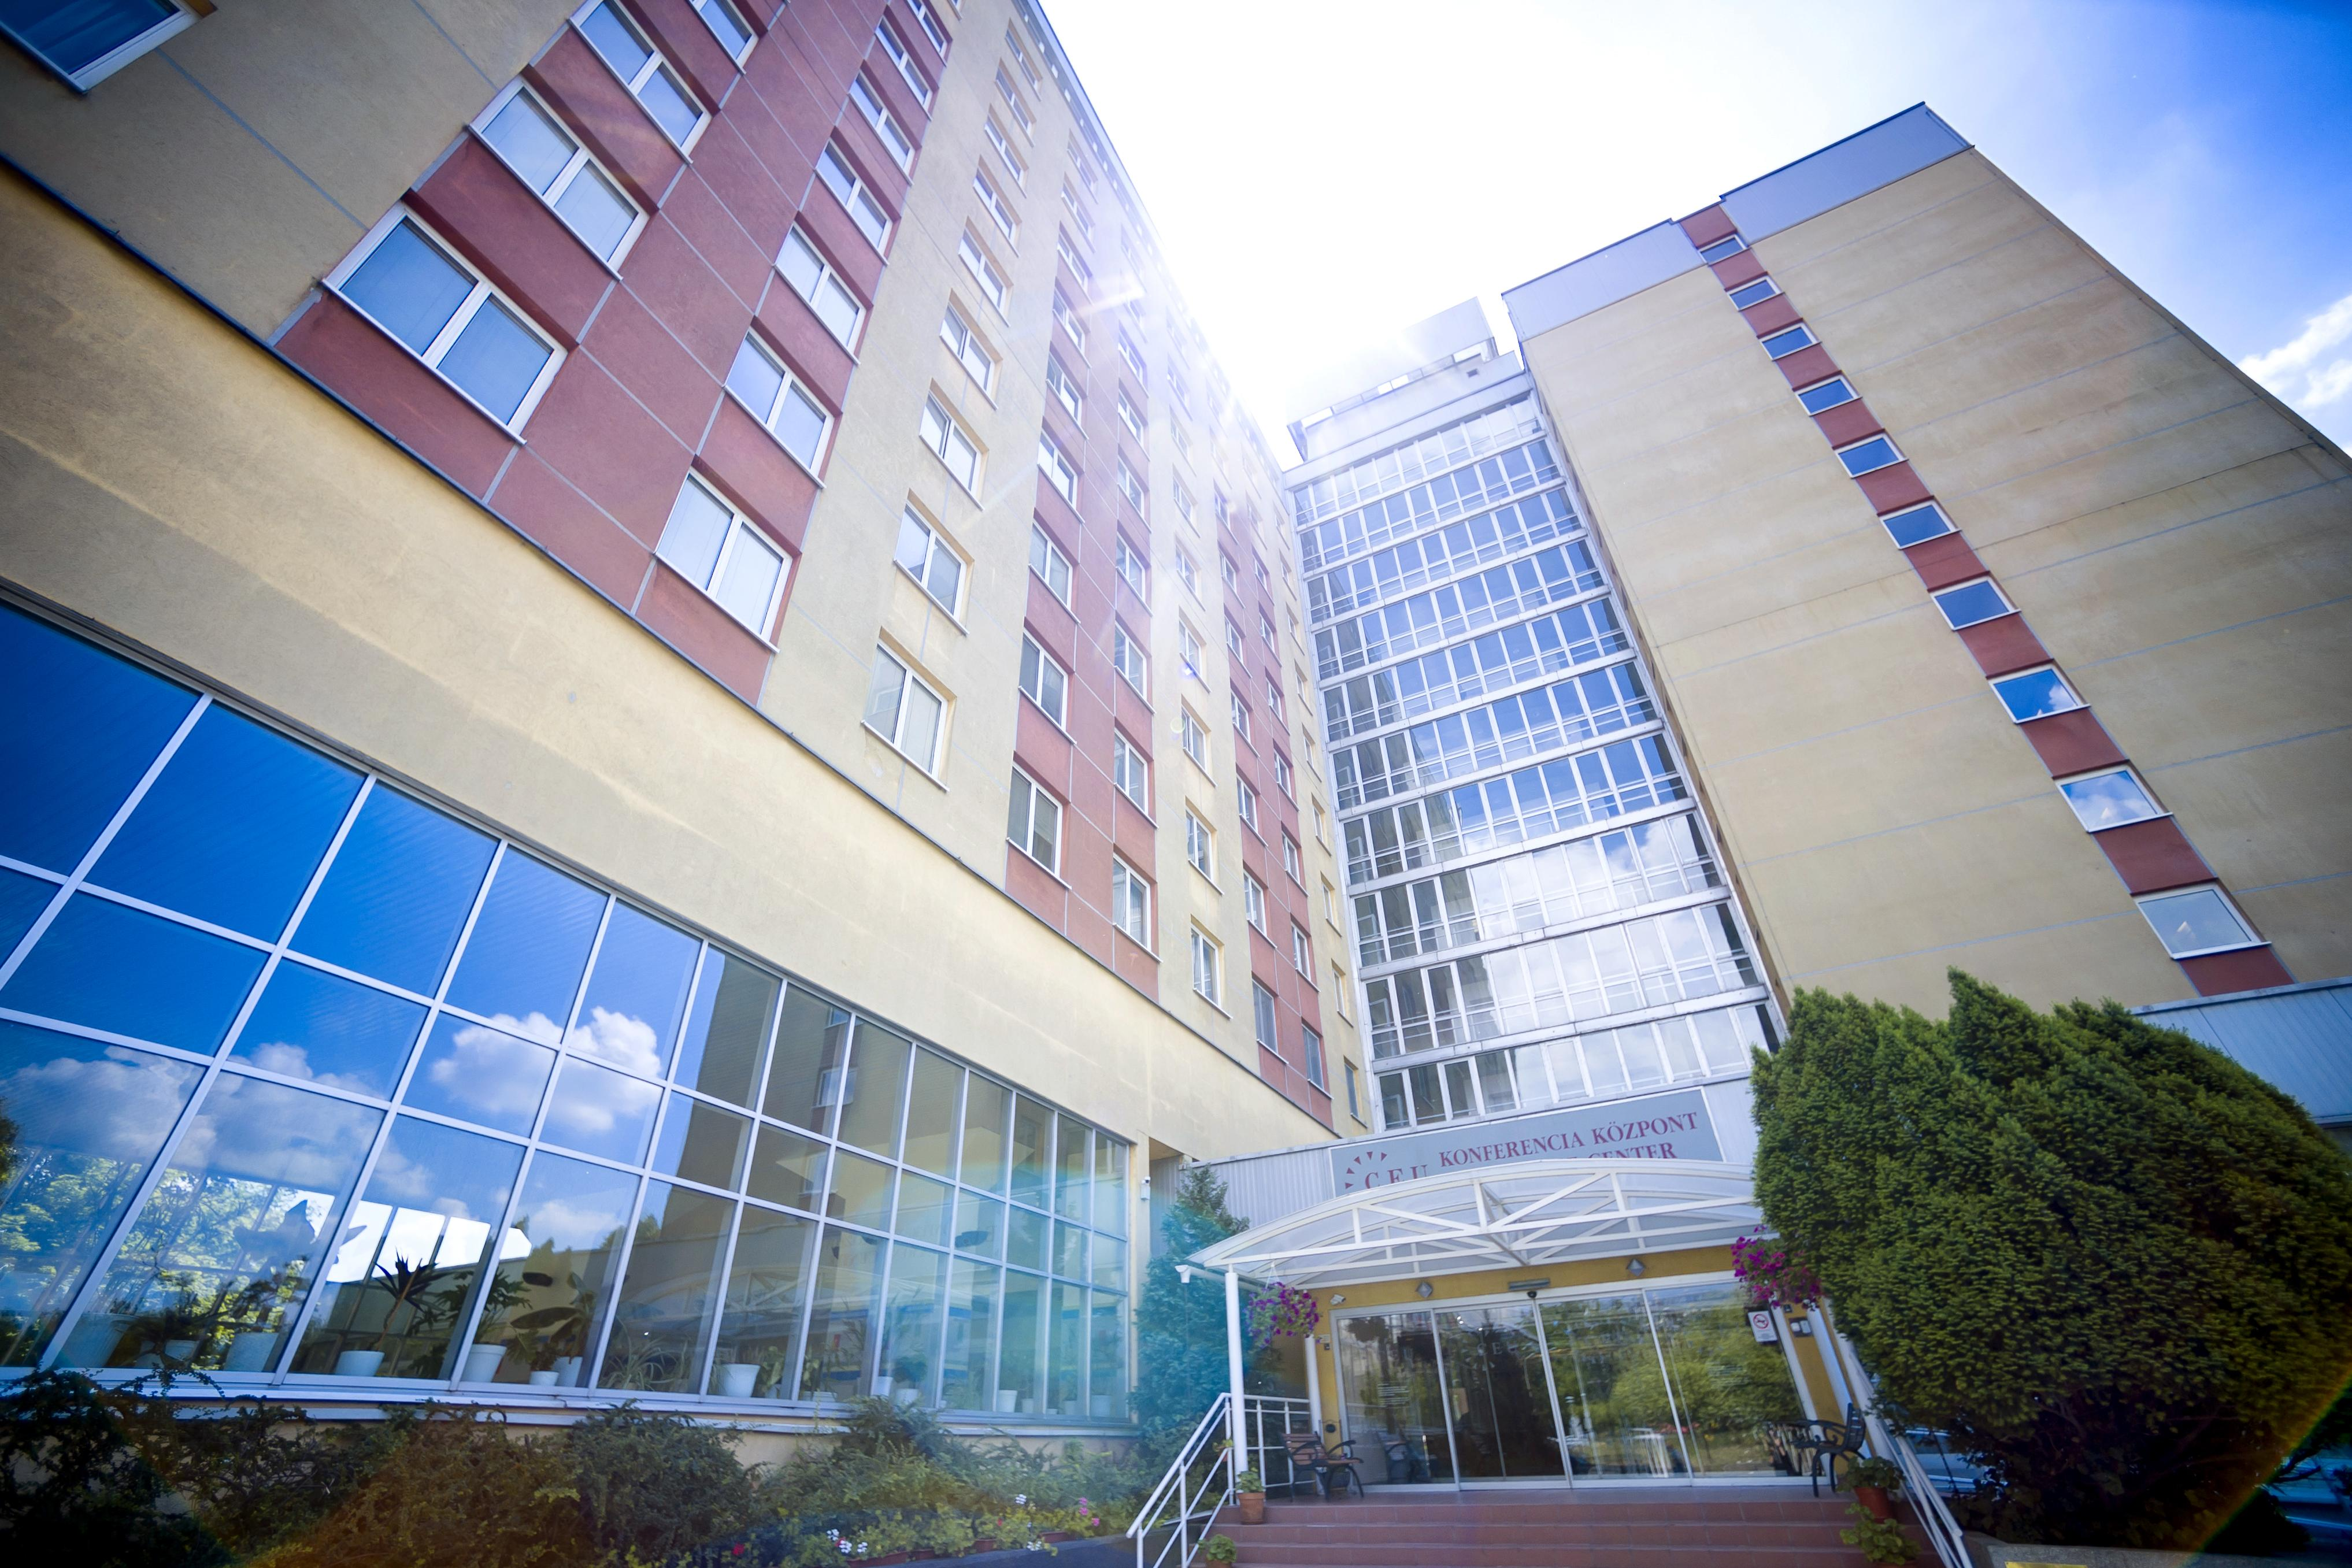 CEU Dormitory building